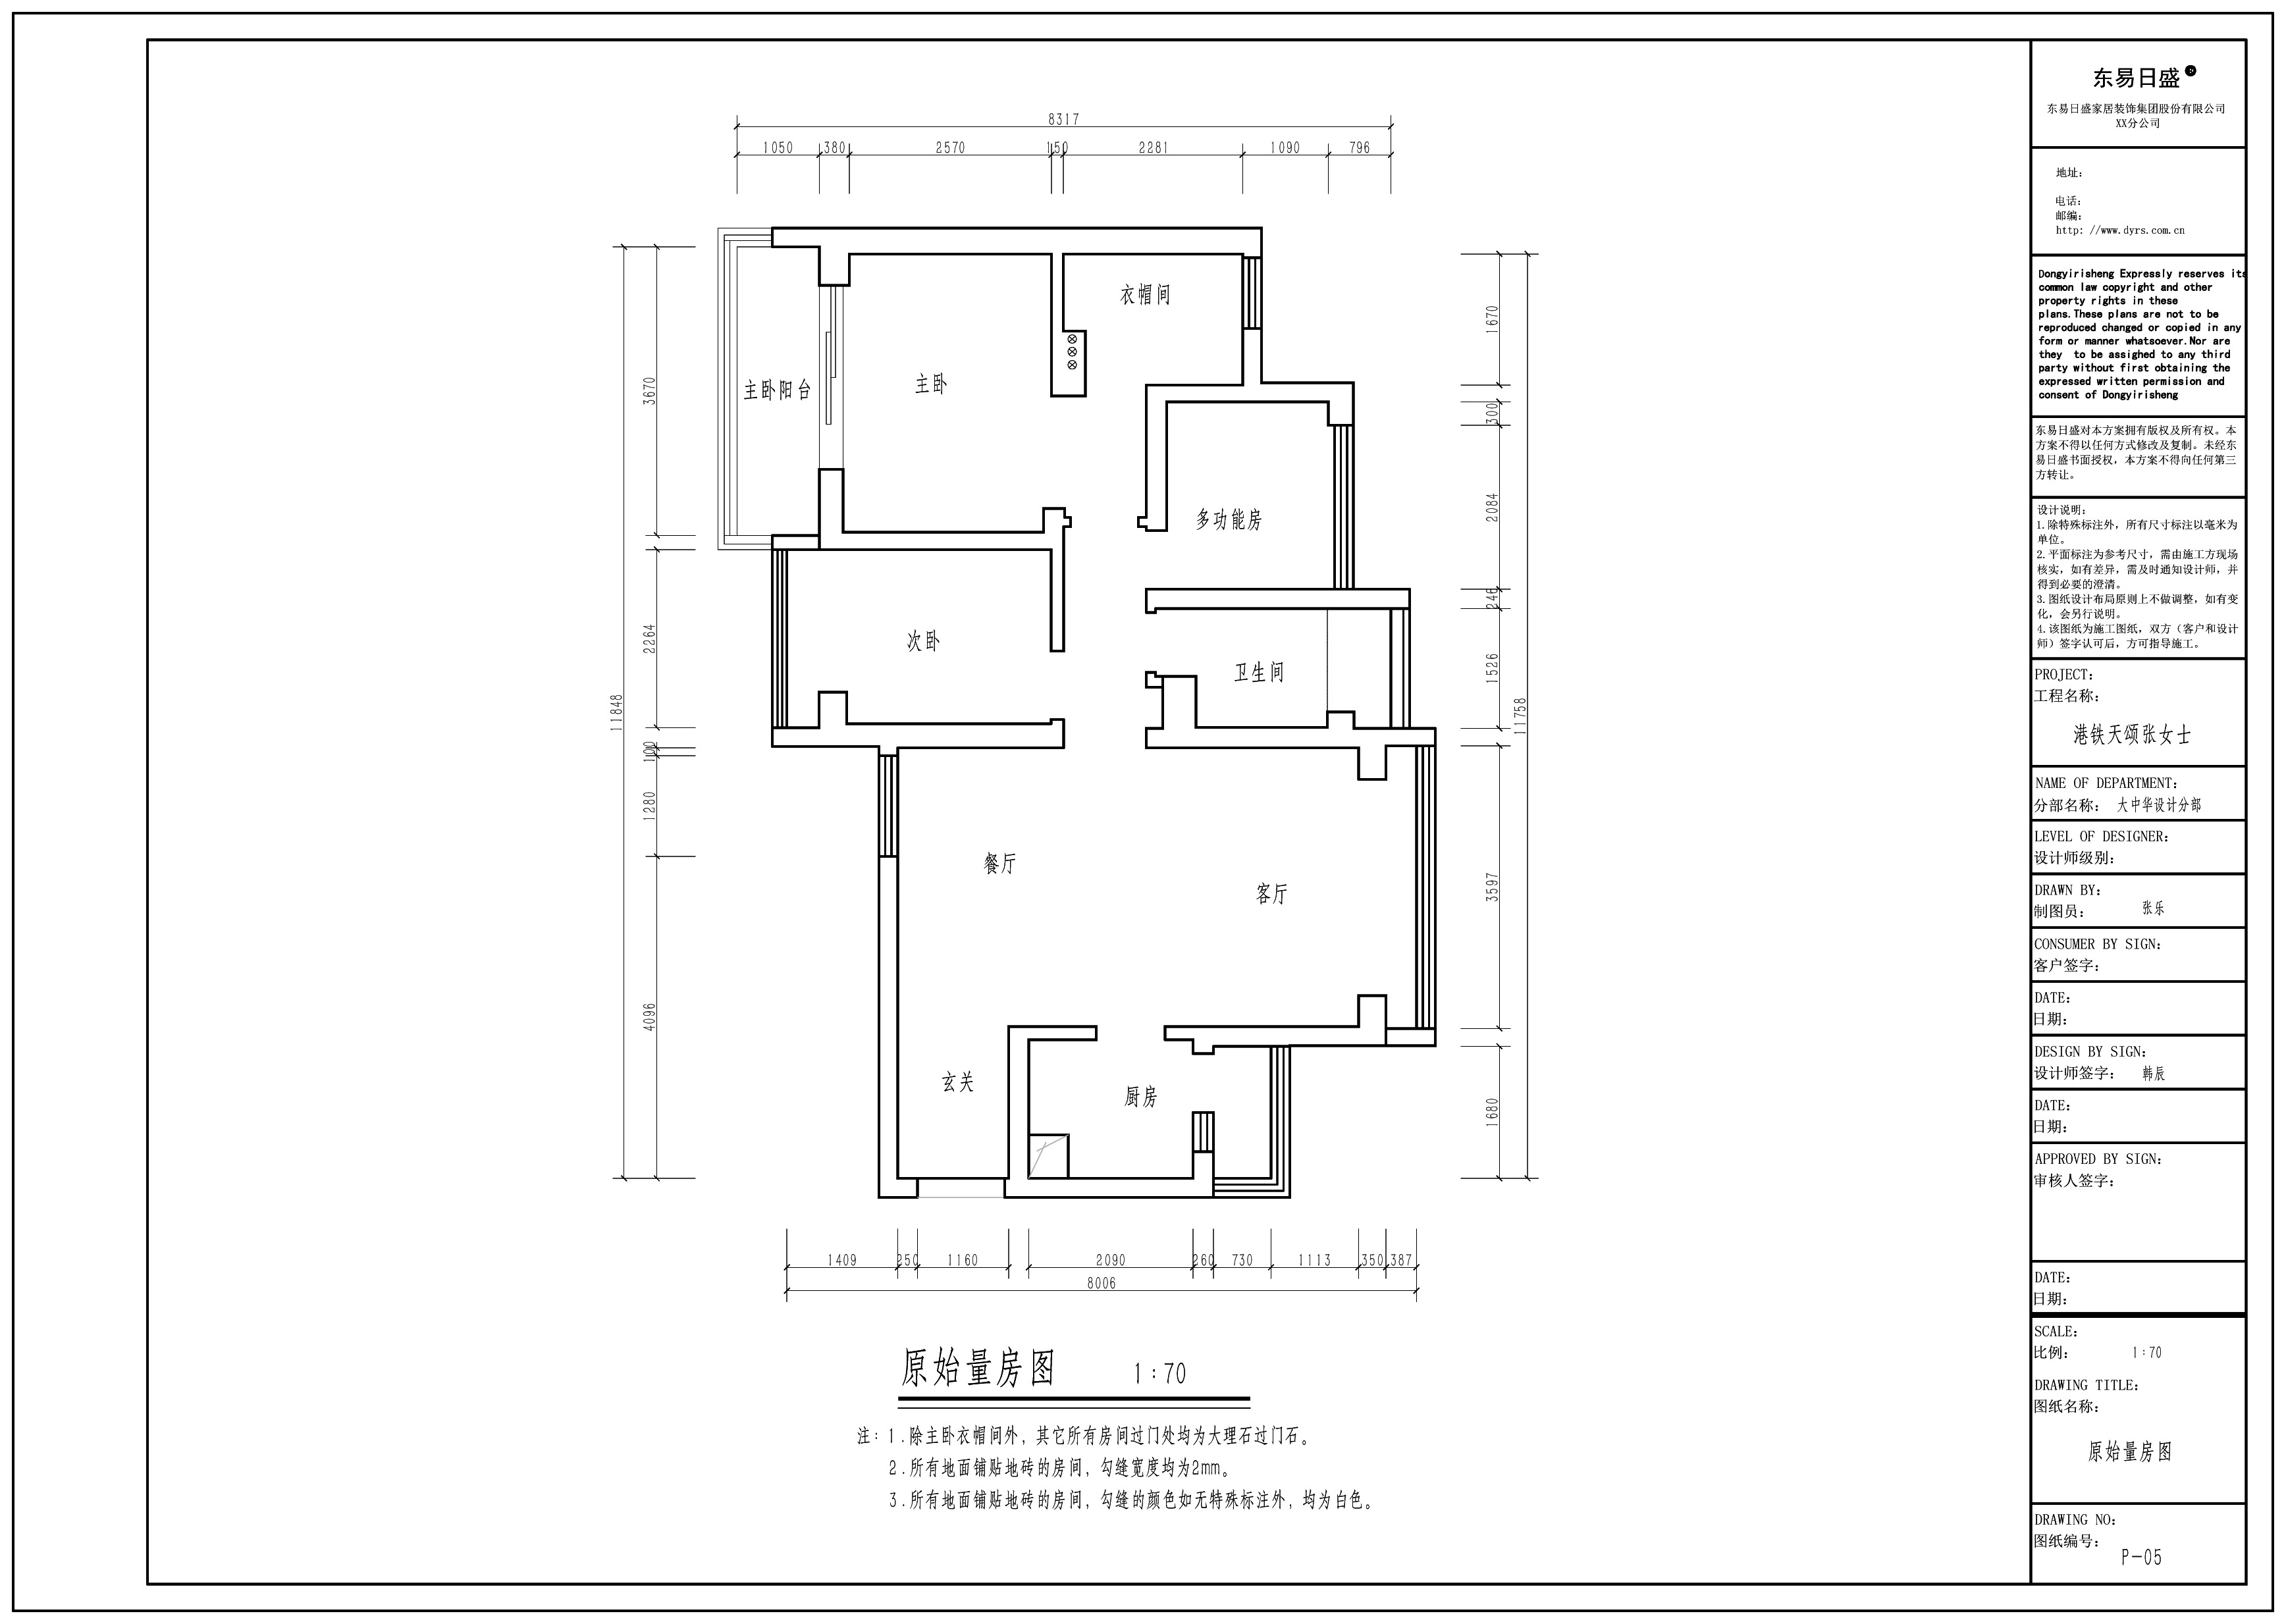 港铁天颂 现代简约装修效果图 三室两厅 89平米装修设计理念